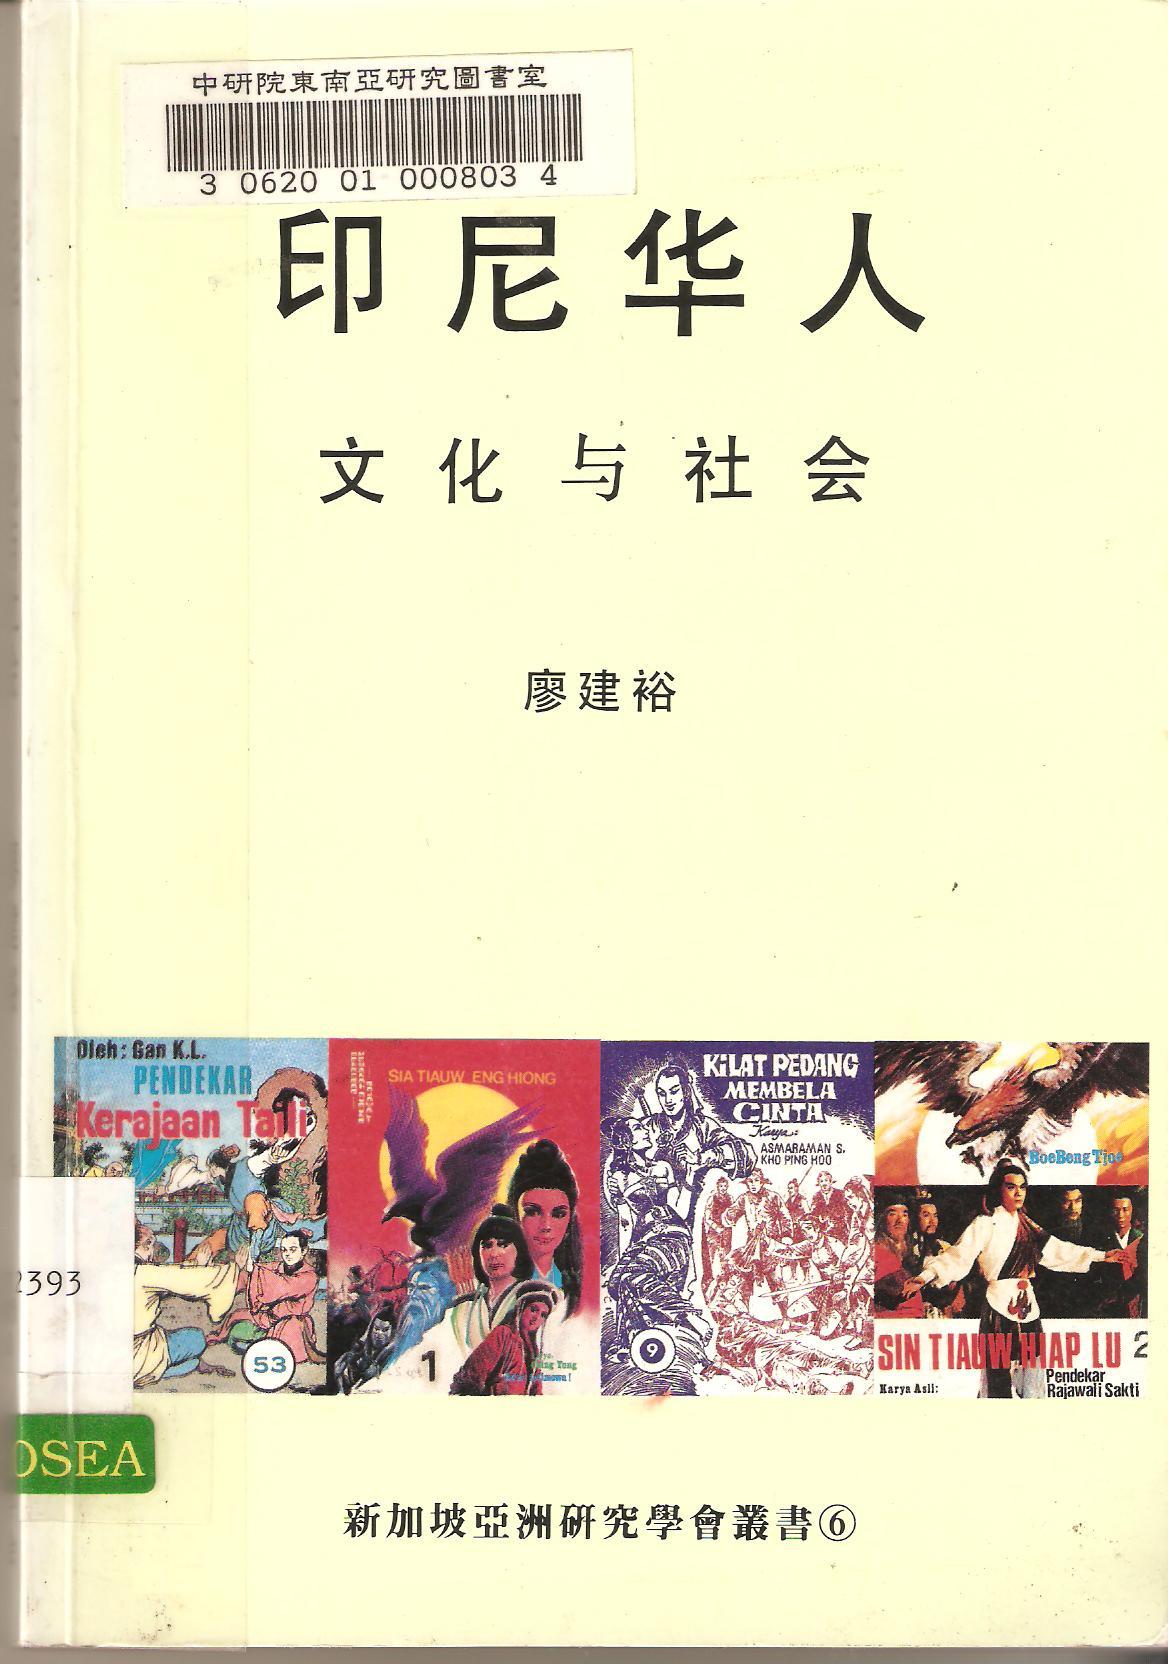 印尼华人文化与社会